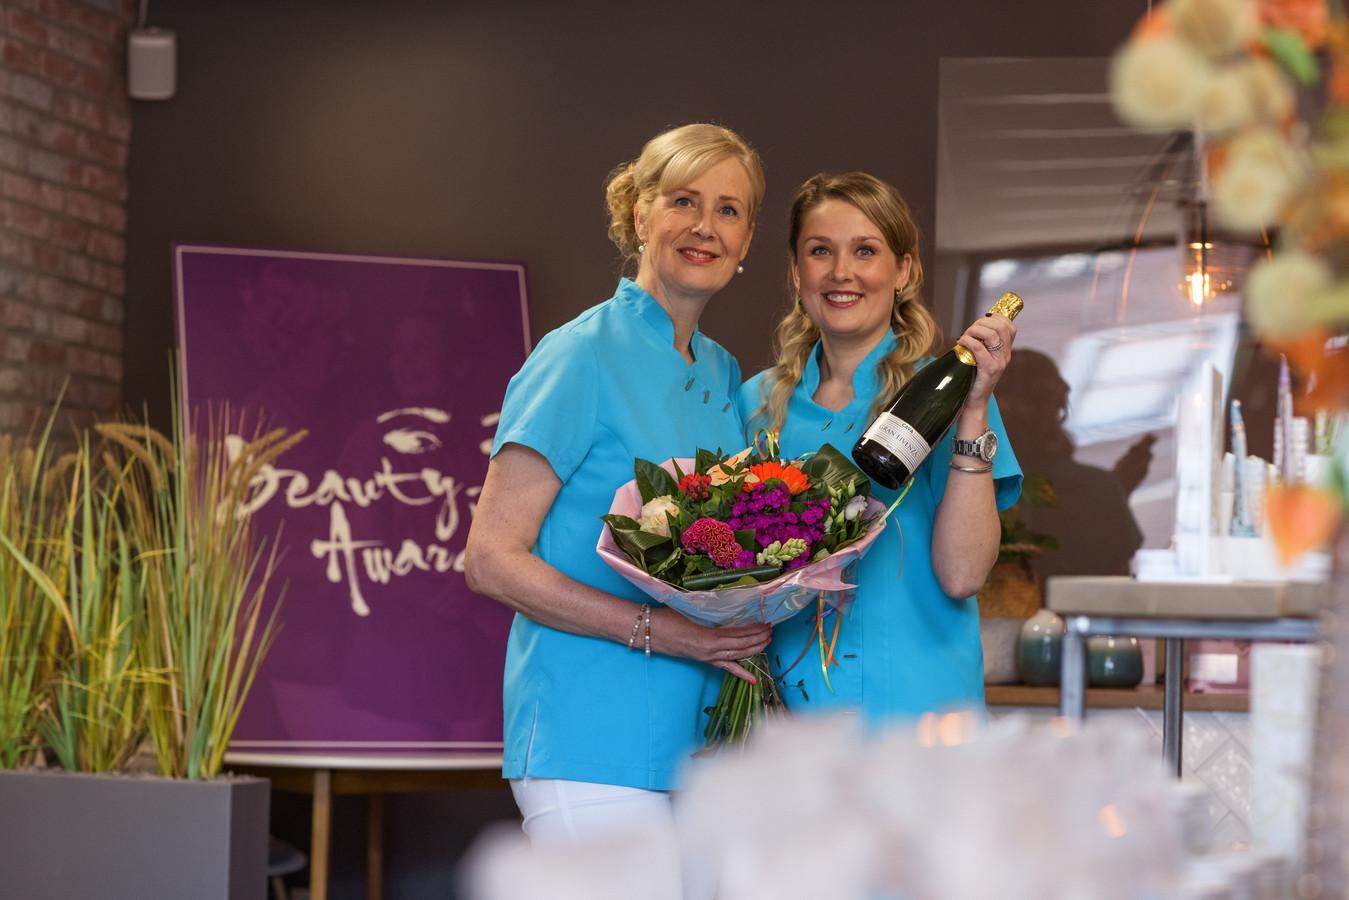 Zevenbergen - 26-4-2021 - Foto: Pix4Profs/Marcel Otterspeer - Petit Spa Brilliant heeft Beauty Award gewonnen. Schoonheidsspecialiste Sanne Schoones, samen met haar moeder Sandra eigenaar van de salon, kan haar geluk niet op.